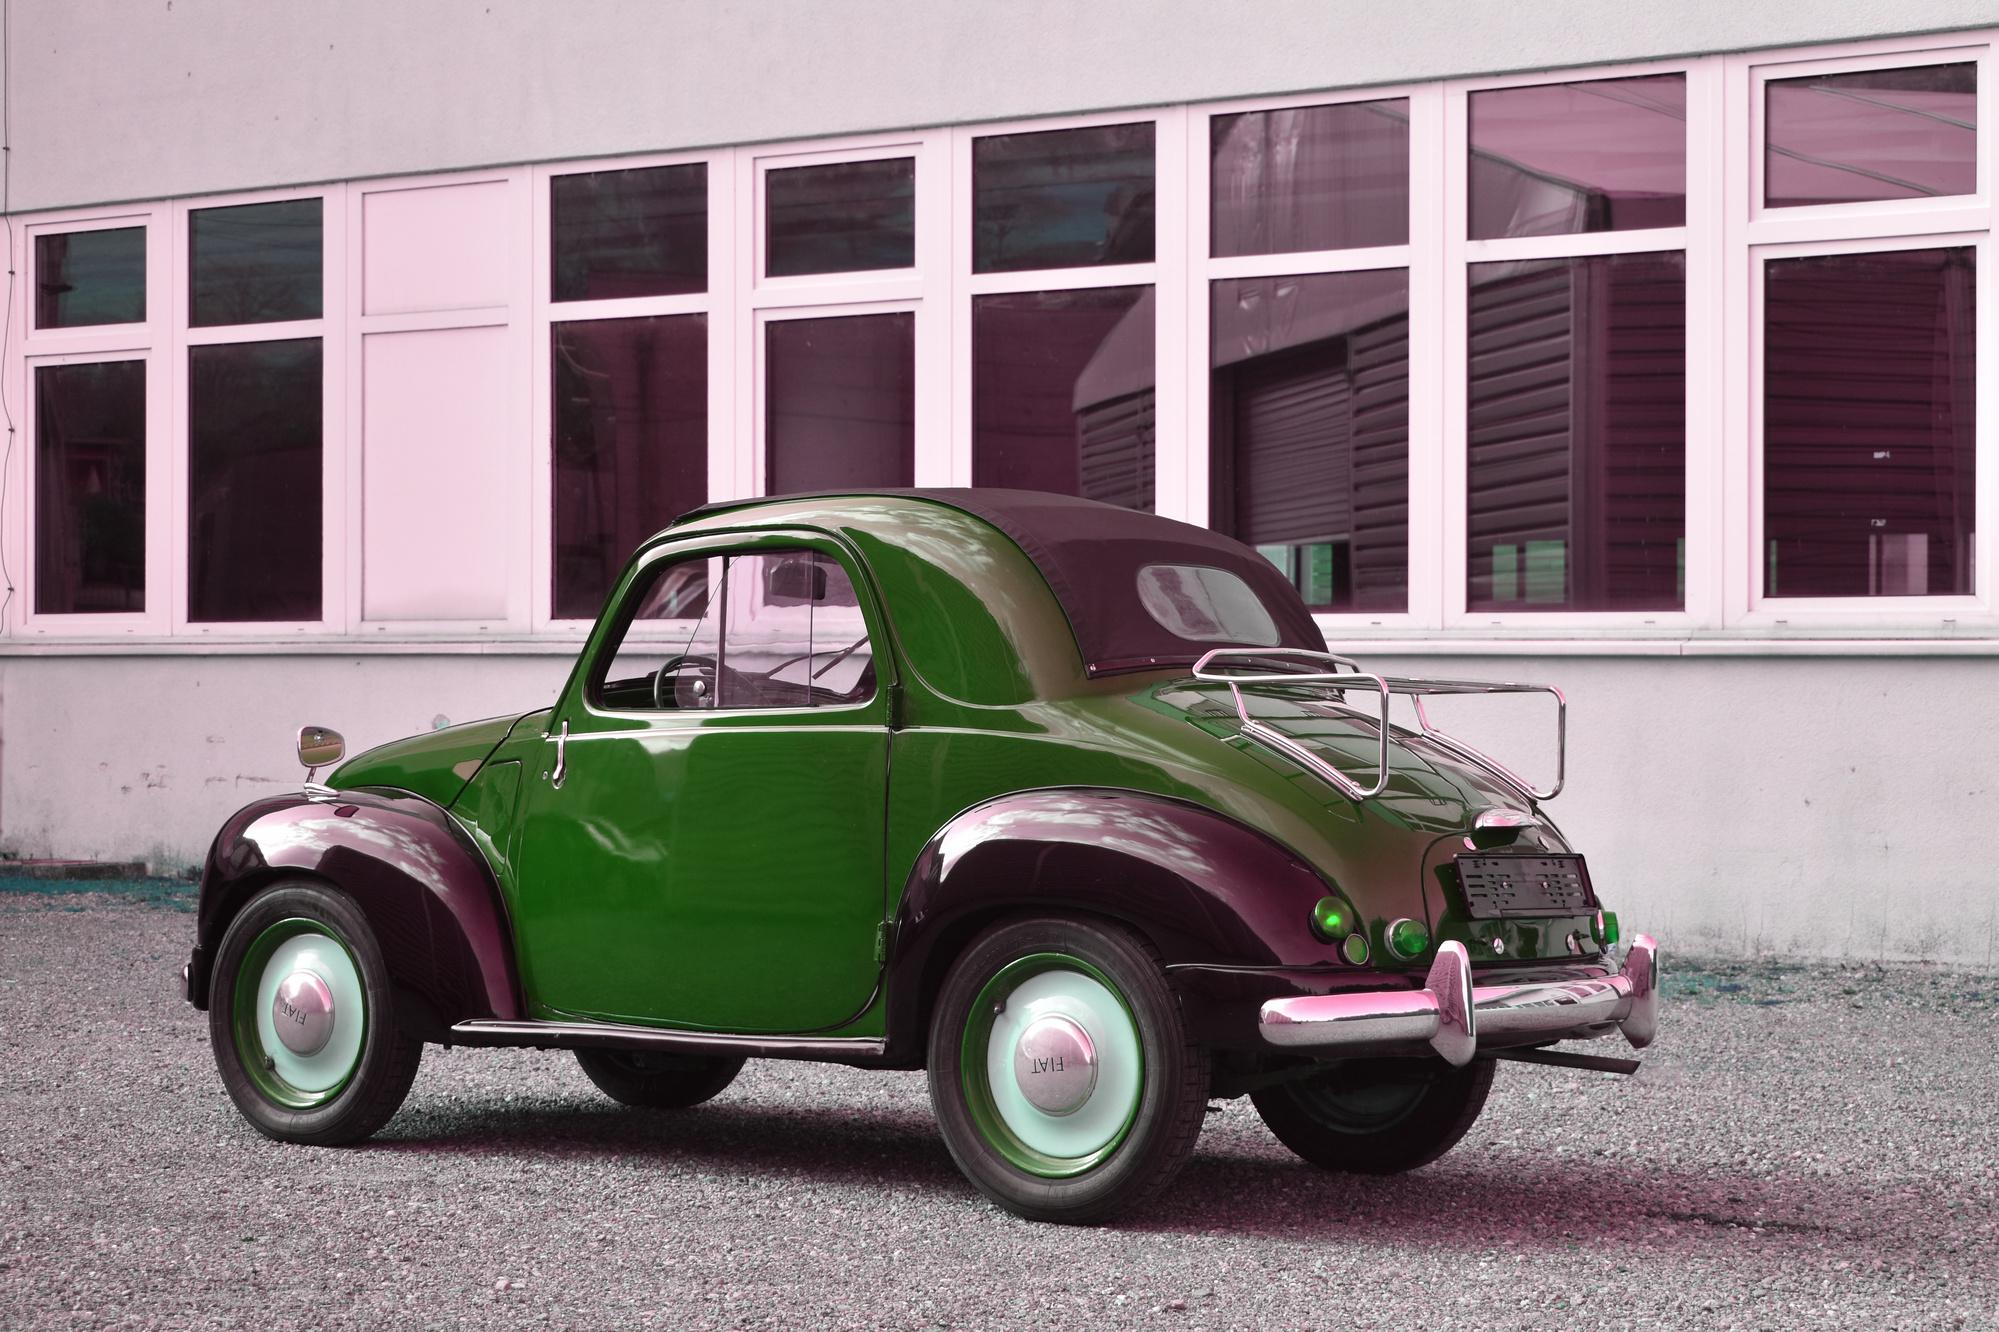 Schwarz-roter Fiat 500 C Tipolino von vorne mit Hecke im Hintergrund